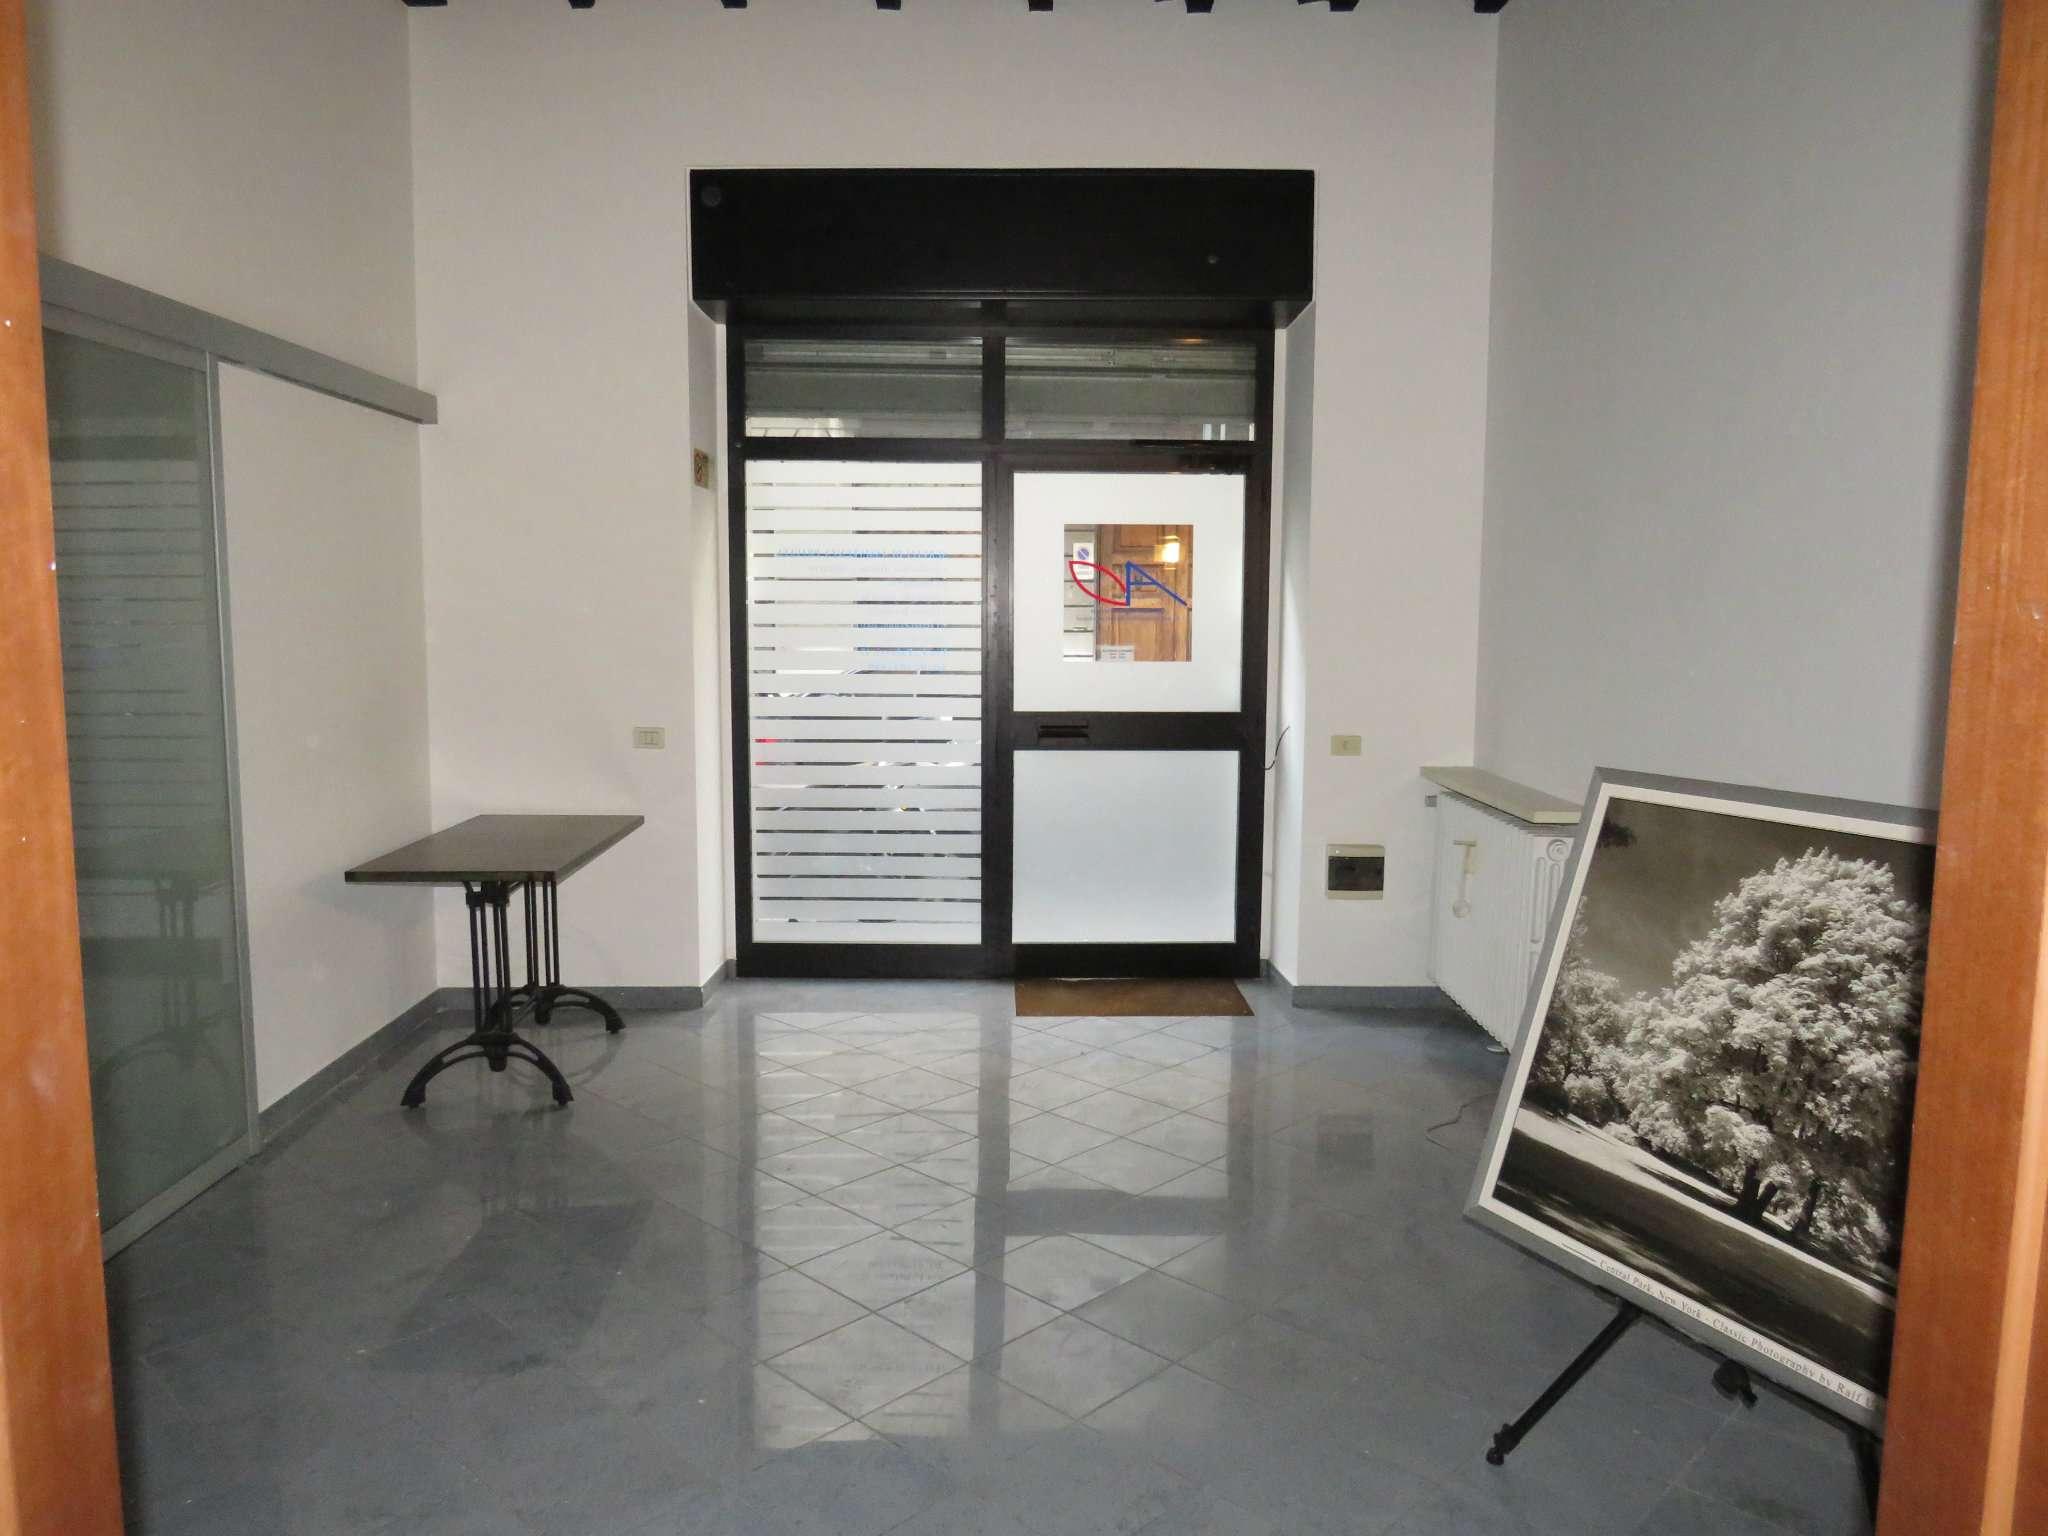 Negozio-locale in Affitto a Milano 03 Venezia / Piave / Buenos Aires: 4 locali, 80 mq